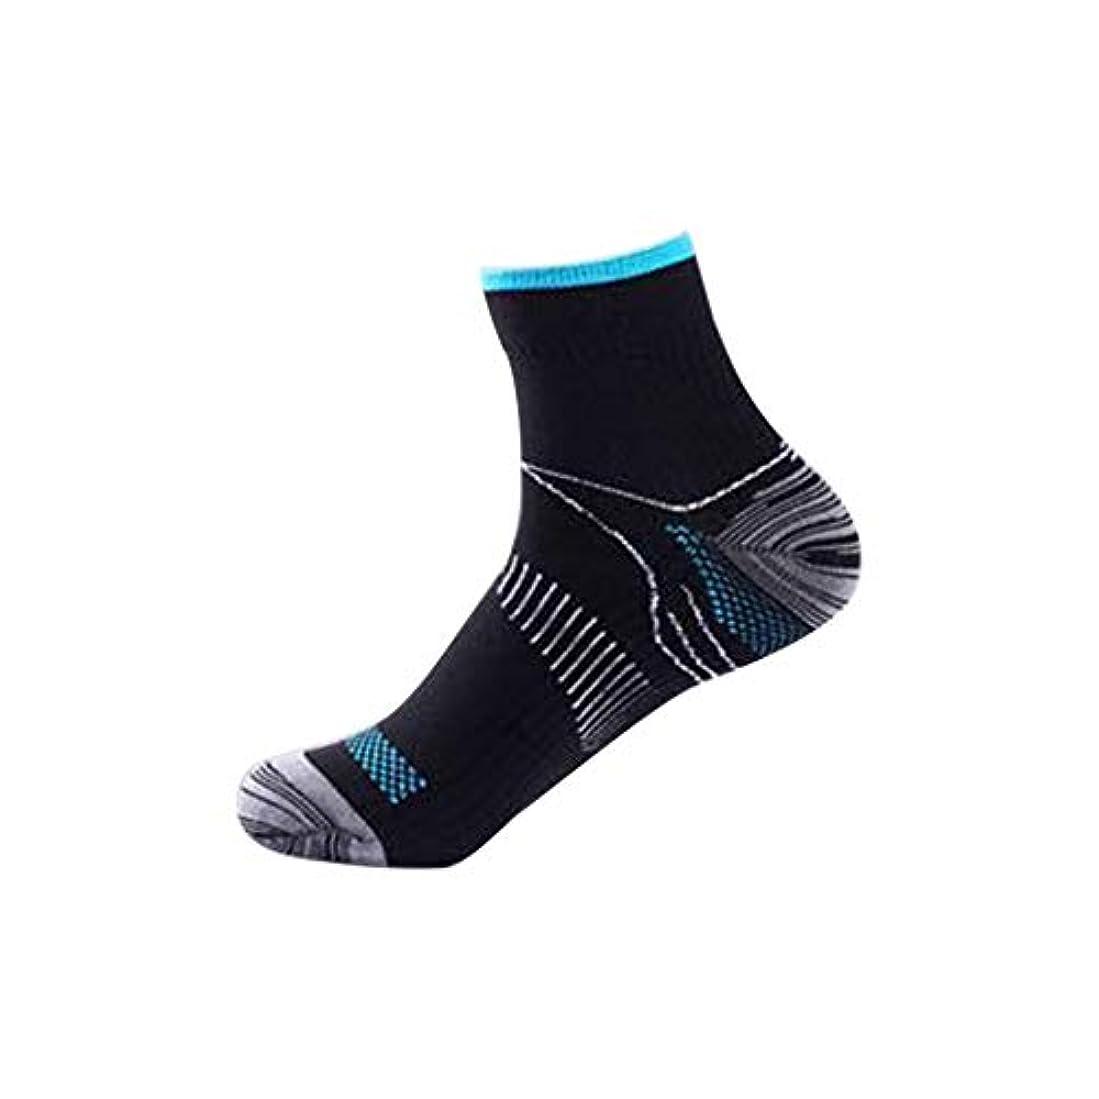 を通してバンガロー甘くする快適な男性の女性の膝の靴下のサポートストレッチ通気性の靴下の下の短いストレッチ圧縮の靴下(Color:black&blue)(Size:S/M)